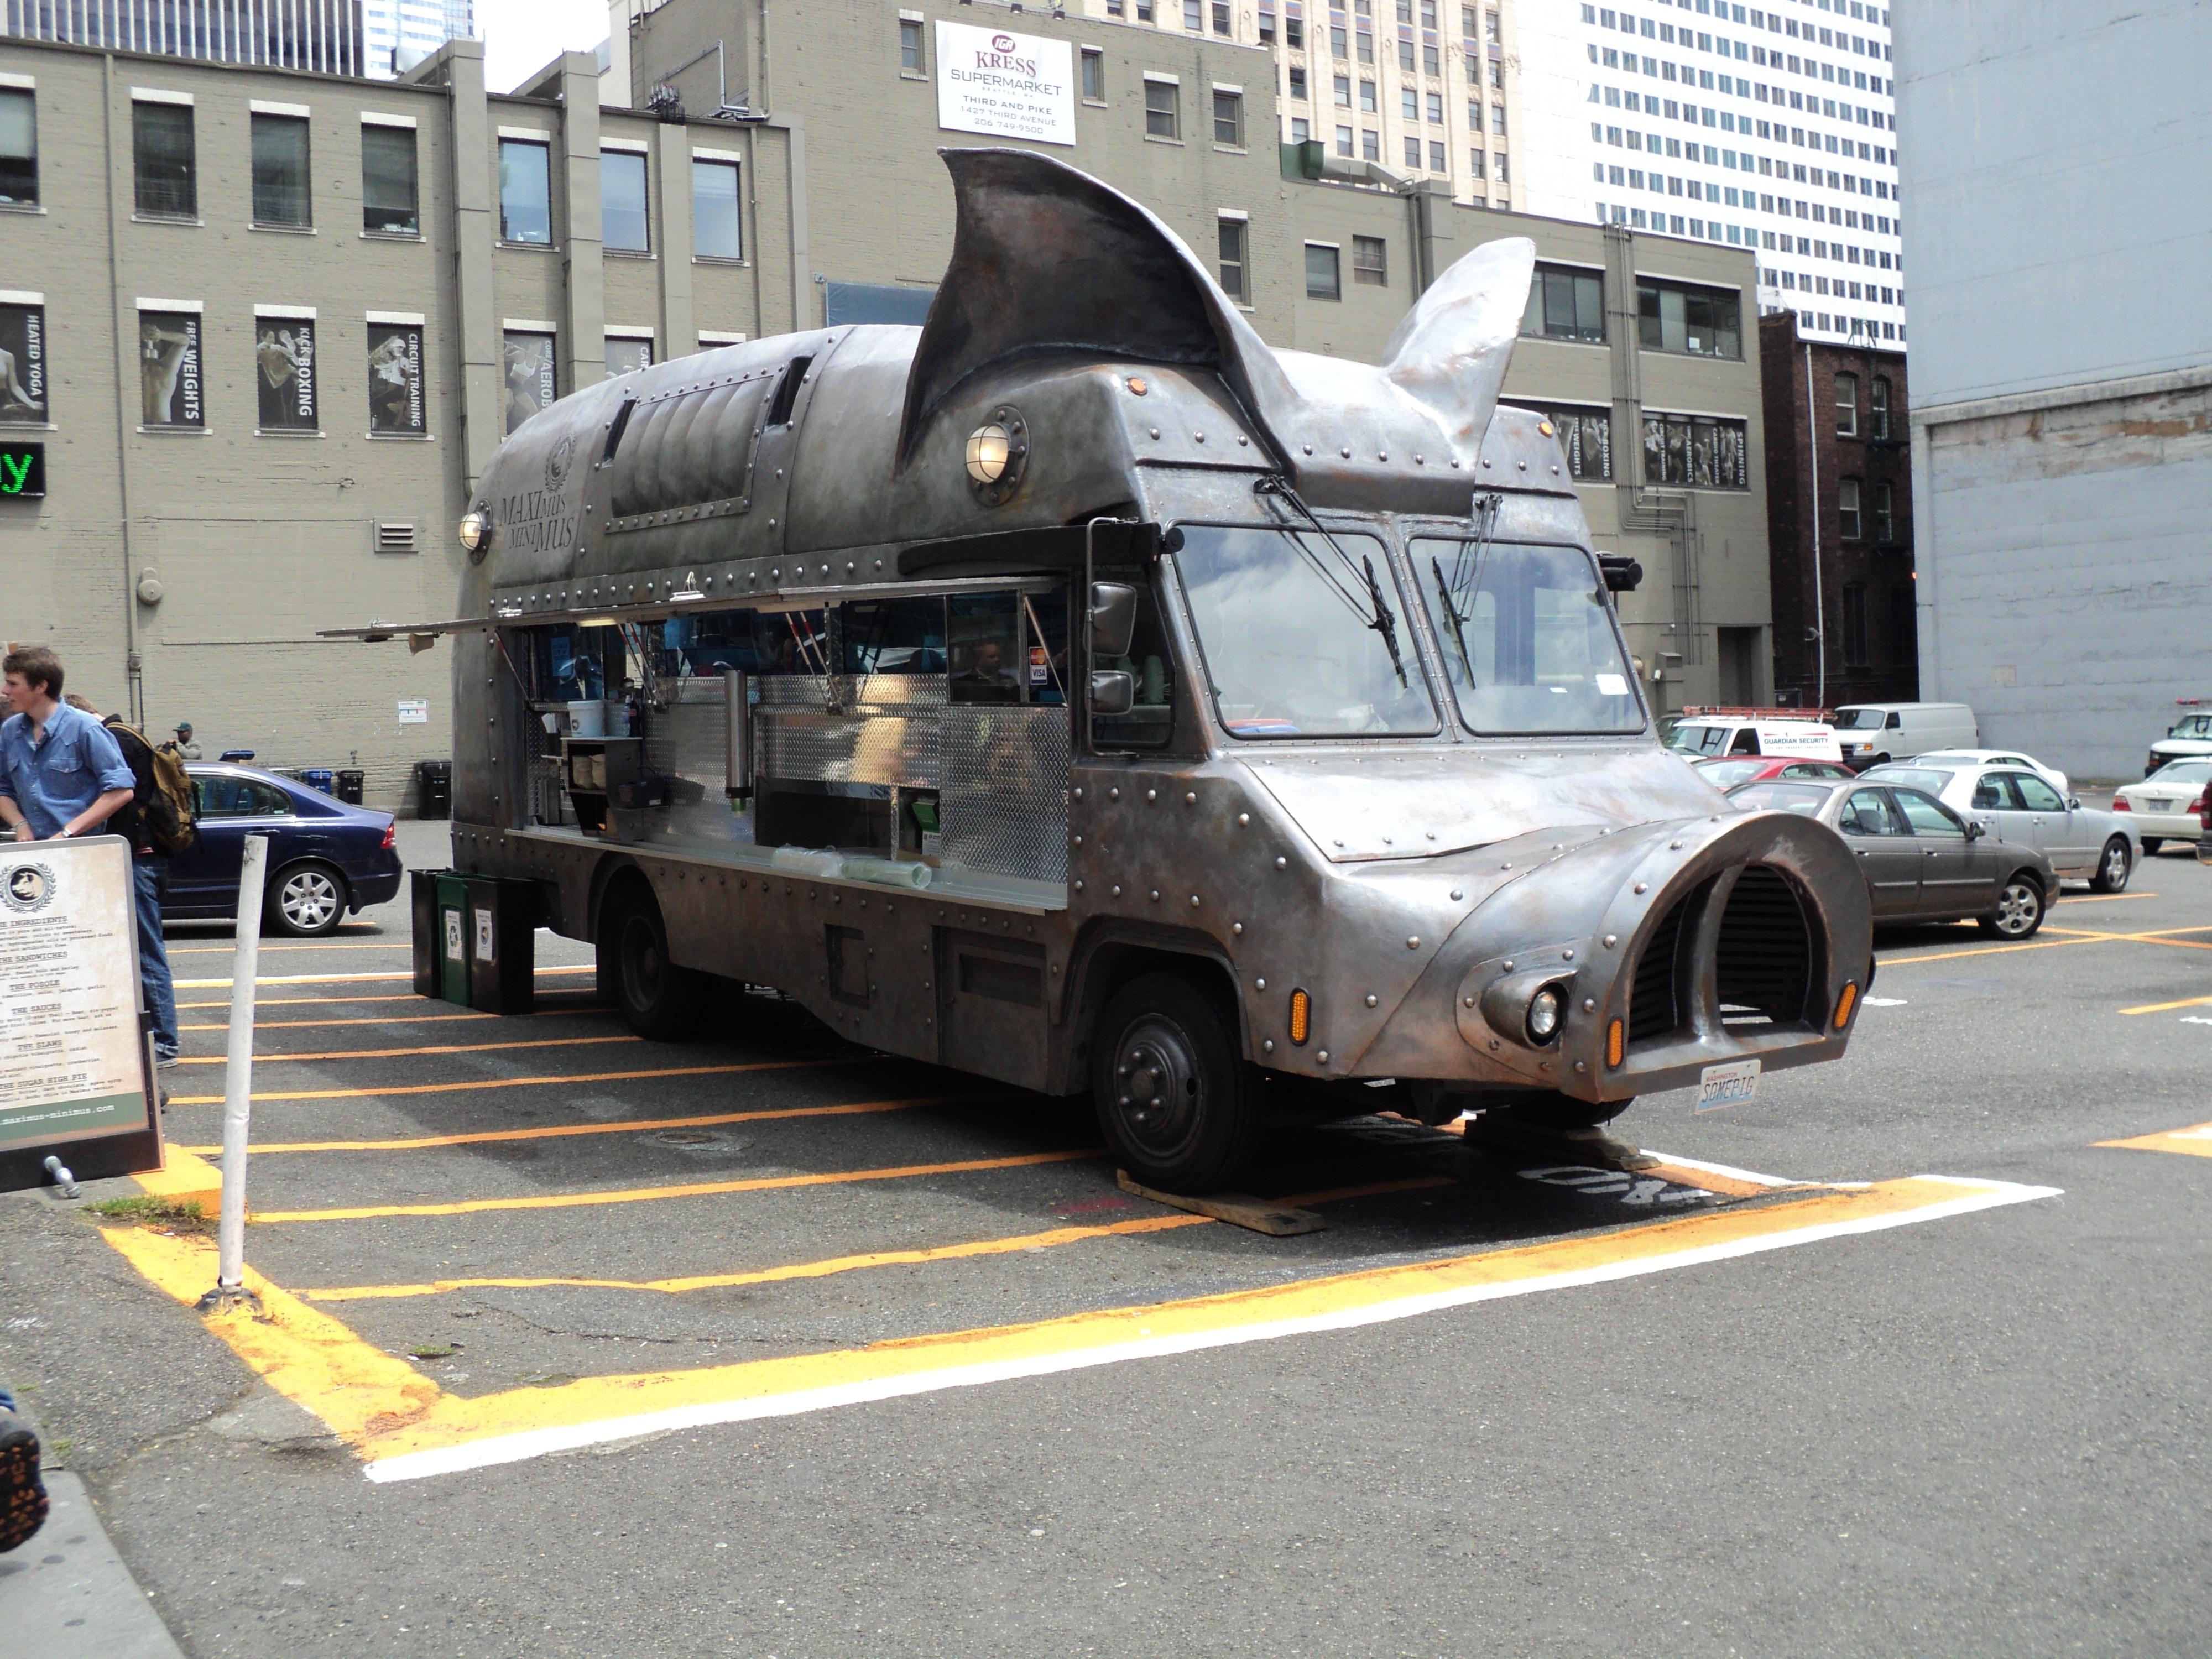 Maximus/Minimus Food Truck